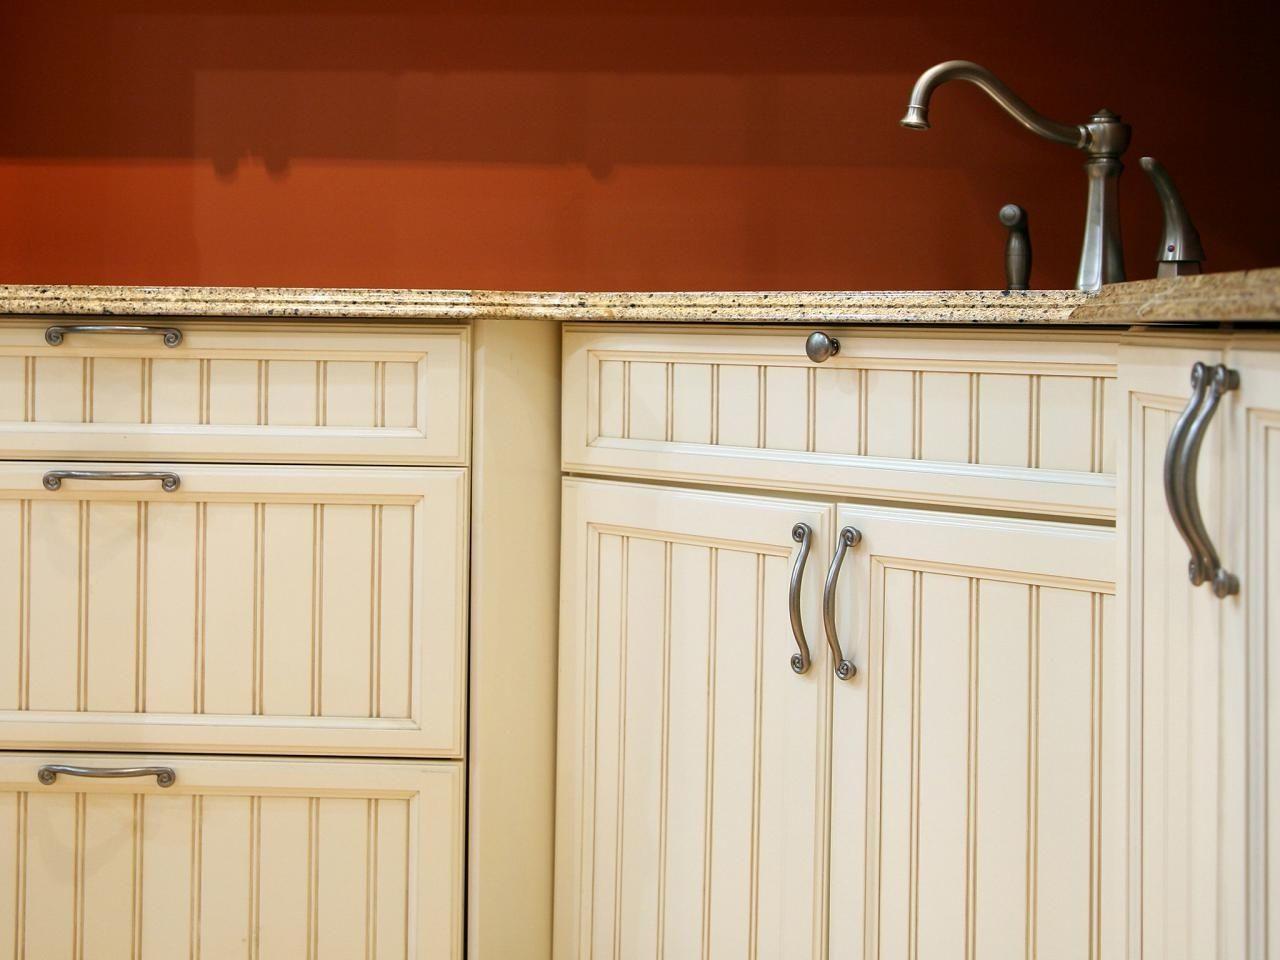 Küchen design messungen küche griffe dekorative schublade knöpfe glas schublade zieht küche